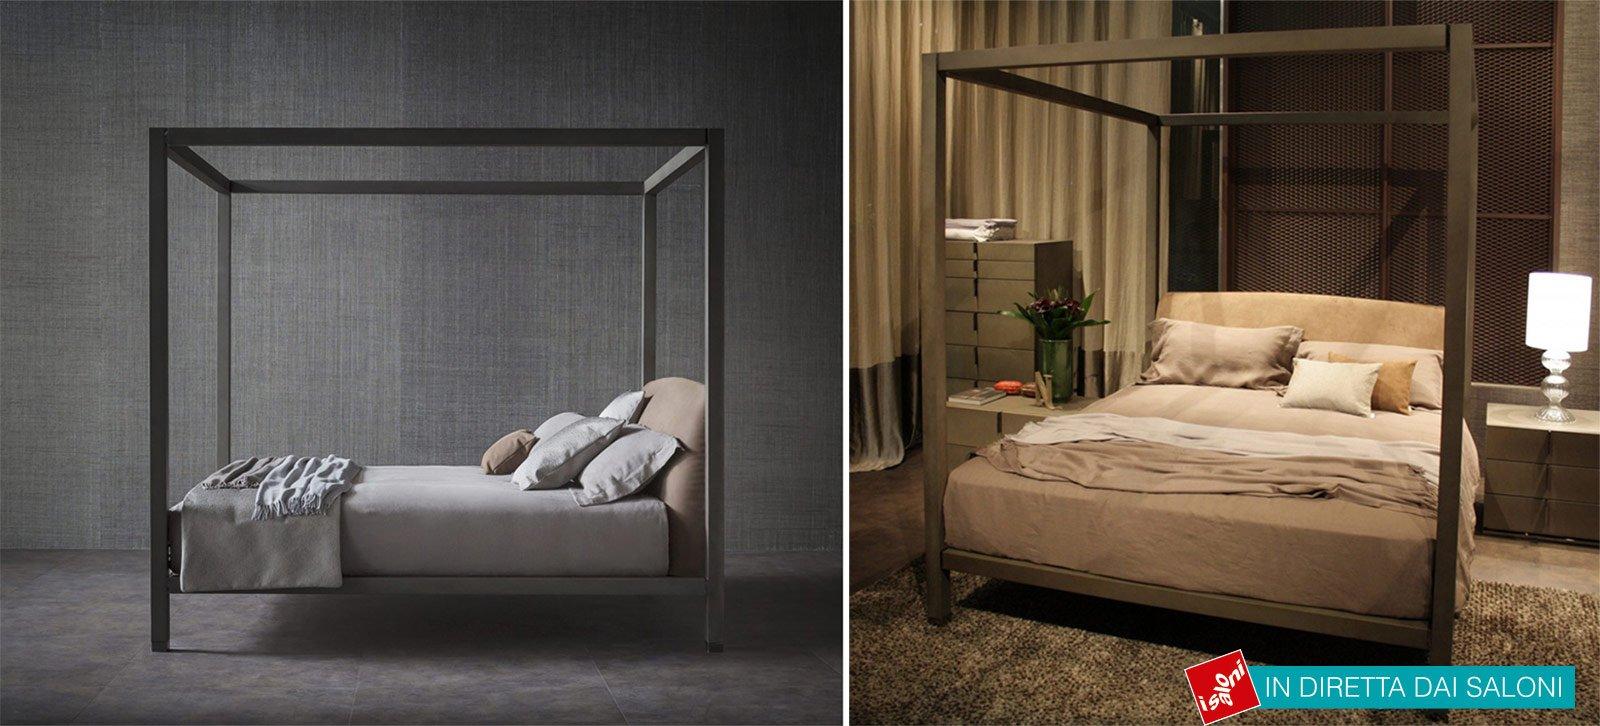 Salone del mobile 2014 letti minimal con struttura sottile cose di casa - Struttura per letto a baldacchino ...